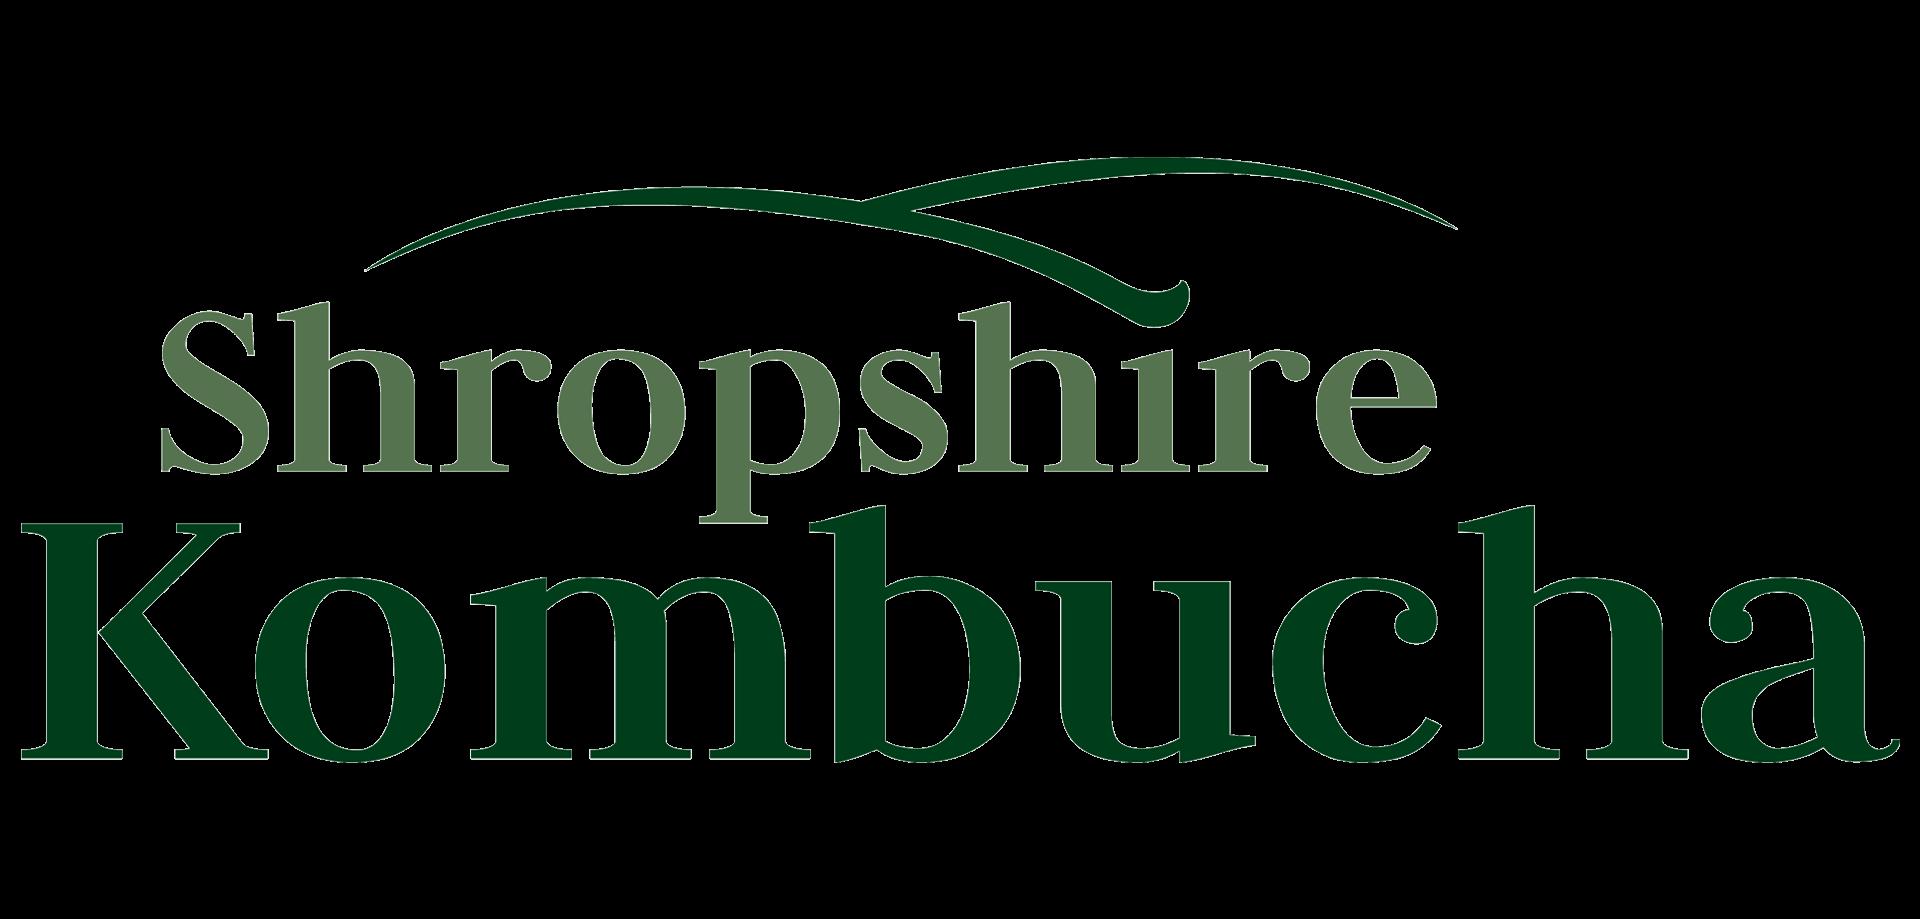 Shropshire Kombucha logo design